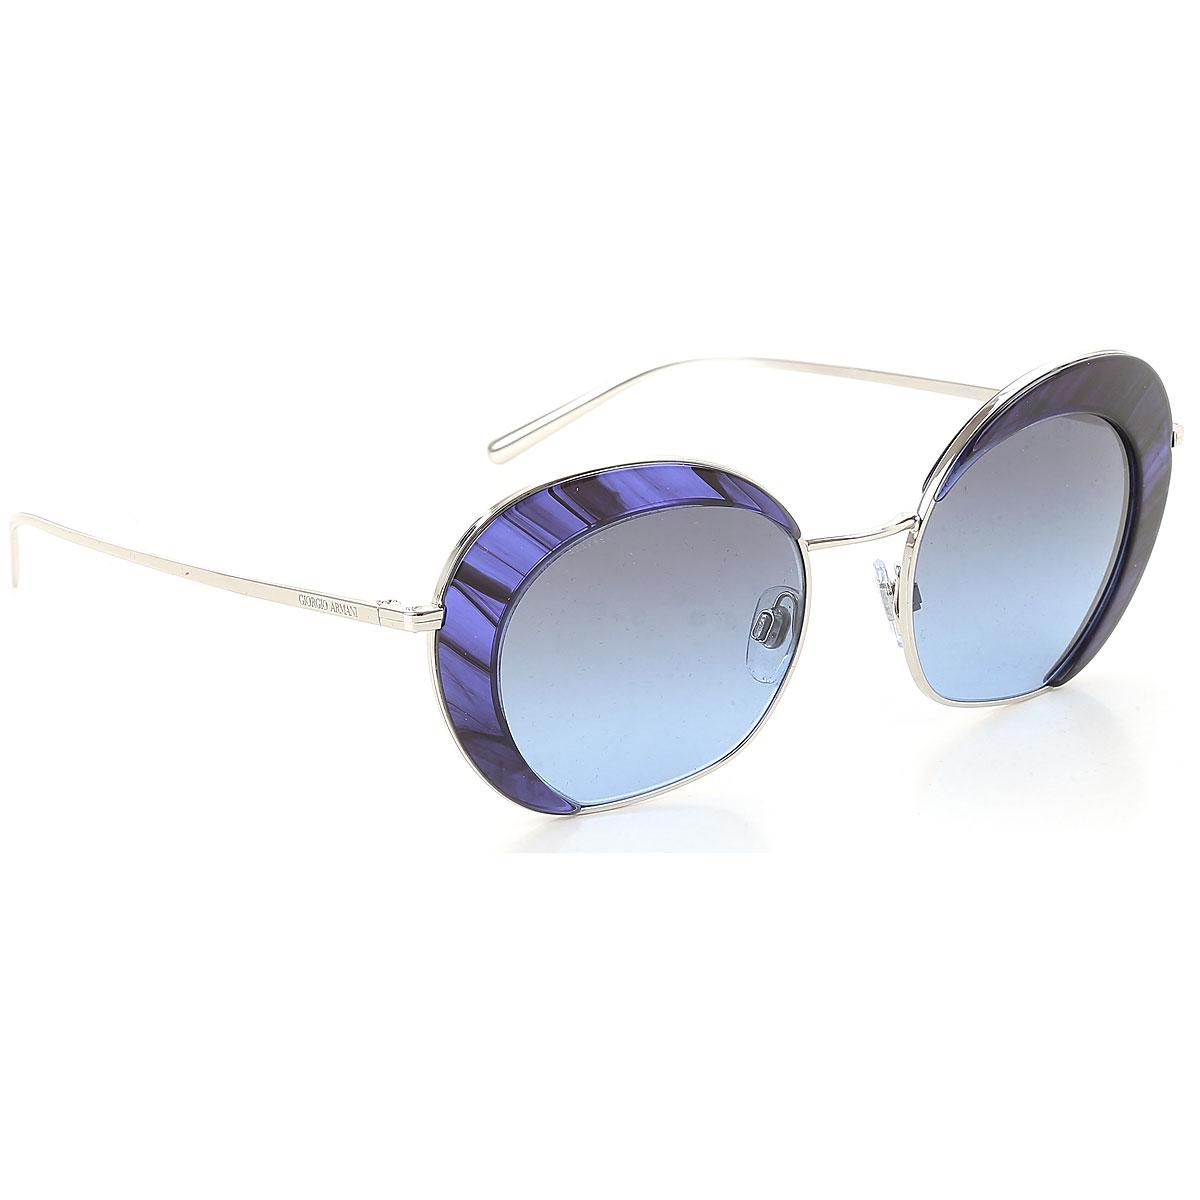 Giorgio Armani Sunglasses On Sale, Silver, 2019